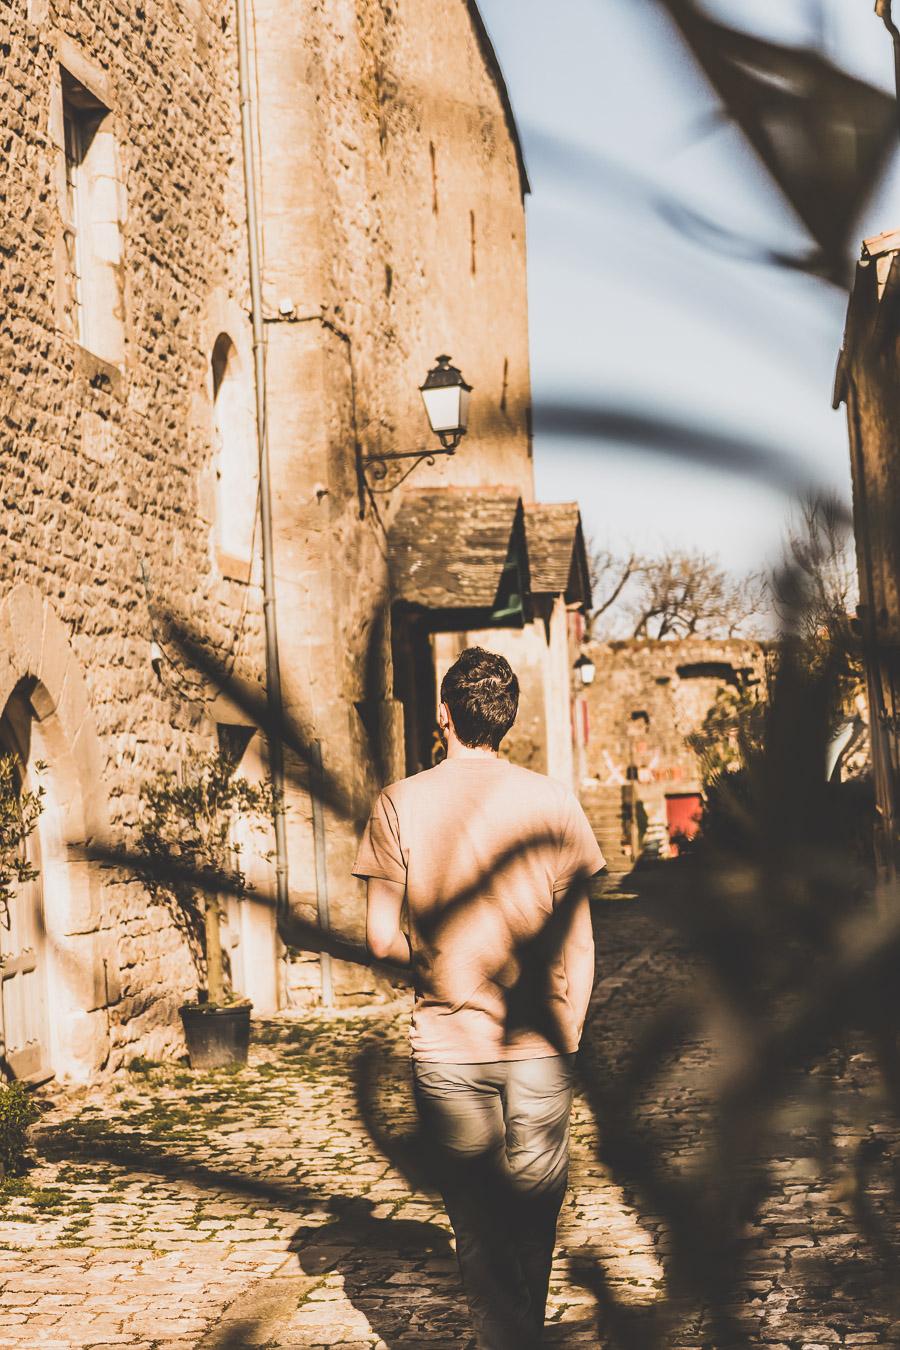 Vous vous demandez que voir en Aveyron ? Que faire en Aveyron ? Notre article est fait pour vous! Conques, Penne, La Couvertoirade, Rodez, Brousse-le-Château... sont évoqués en mots et photos #aveyron #occitanie #france #vacances / Road trip en Aveyron / Voyage en Aveyron / Découvrir l'Occitanie / Voyage en France / Vacances en France / Jolis villages / Travel in France / Voyage en Europe / Villages / Road trip en France / Village de charme / Aveyron tourisme / Aveyron France / Aveyron paysage